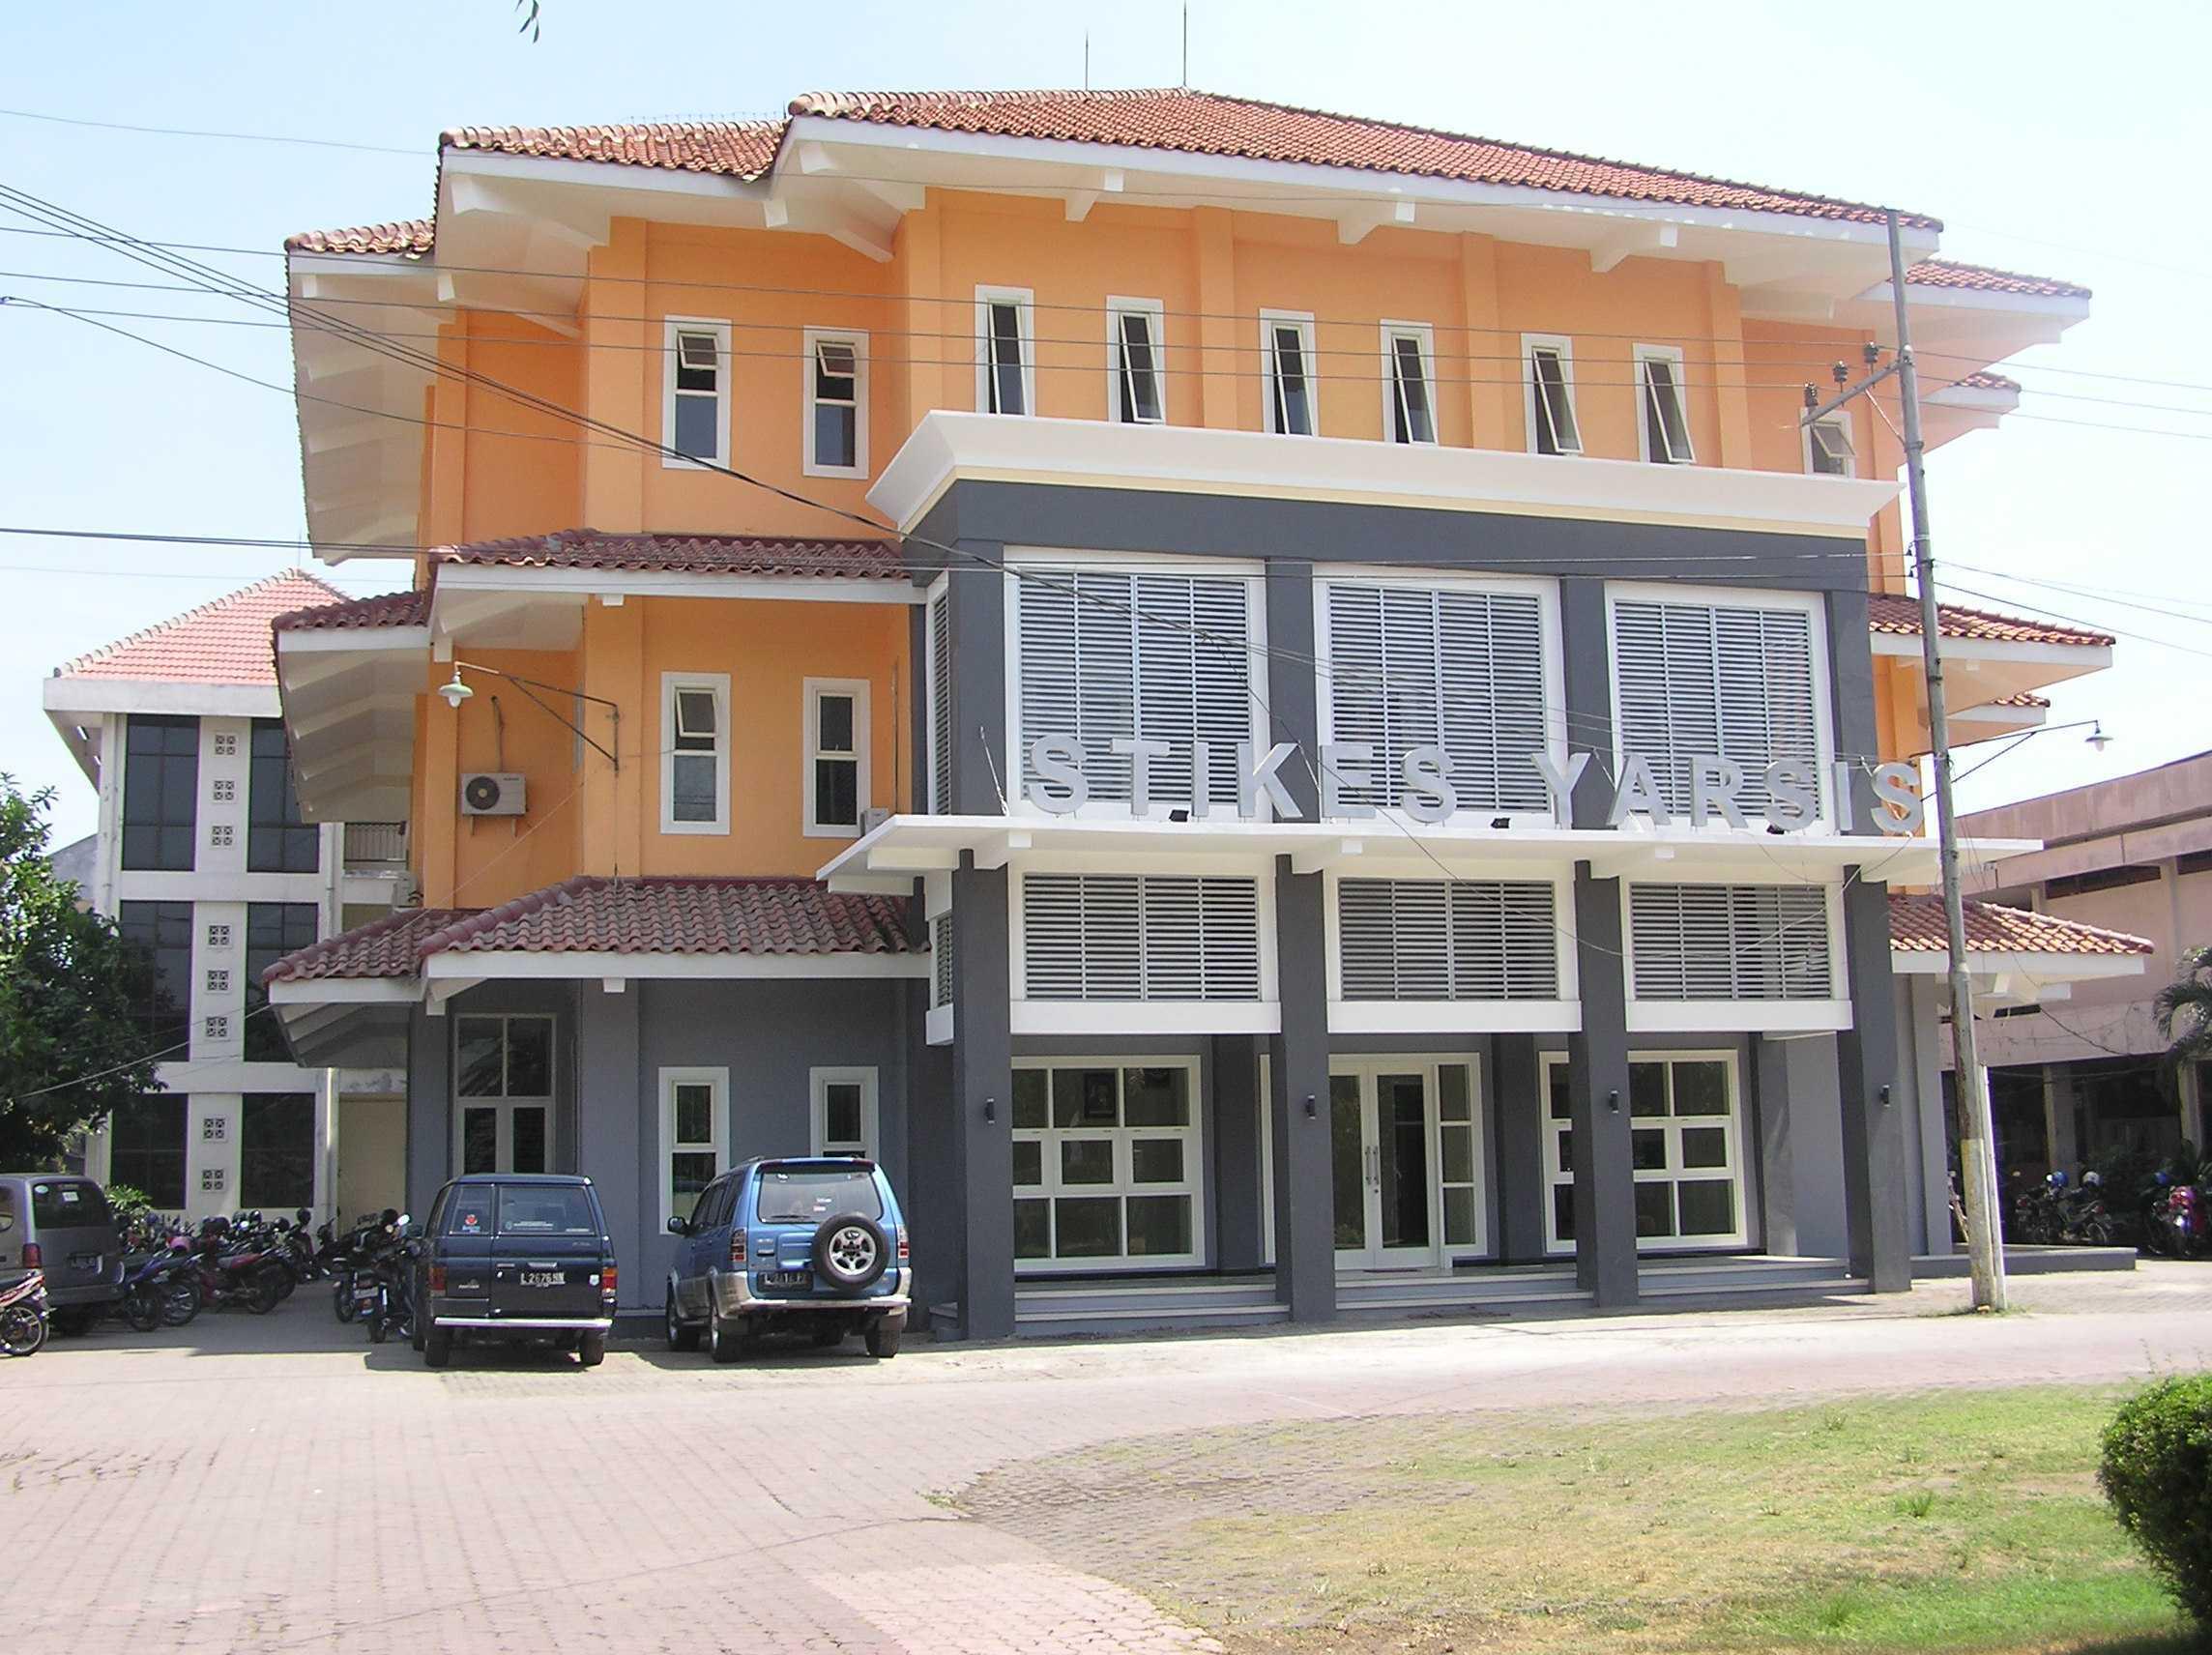 Ega Cipta Pratama Renovasi Gedung Stikes Yarsis Surabaya, Kota Sby, Jawa Timur, Indonesia Surabaya, Kota Sby, Jawa Timur, Indonesia Ega-Cipta-Pratama-Renovasi-Gedung-Stikes-Yarsis   55488